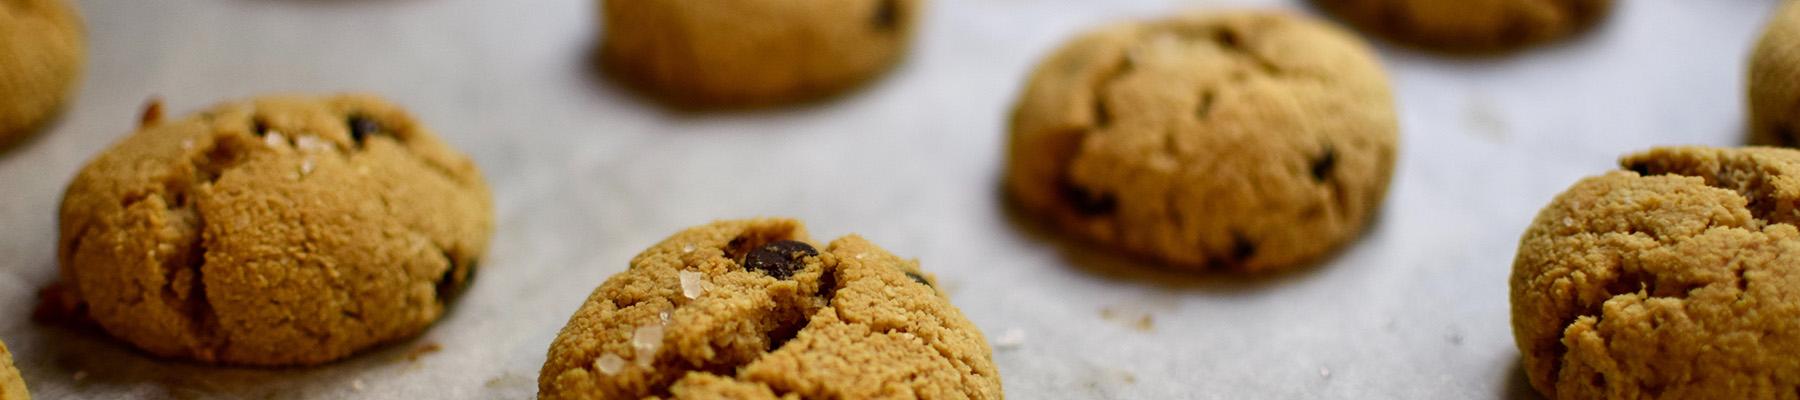 BestOf Bachelor: Webseitenübergreifende Nutzerverfolgung ohne Verwendung von Cookies in der EU